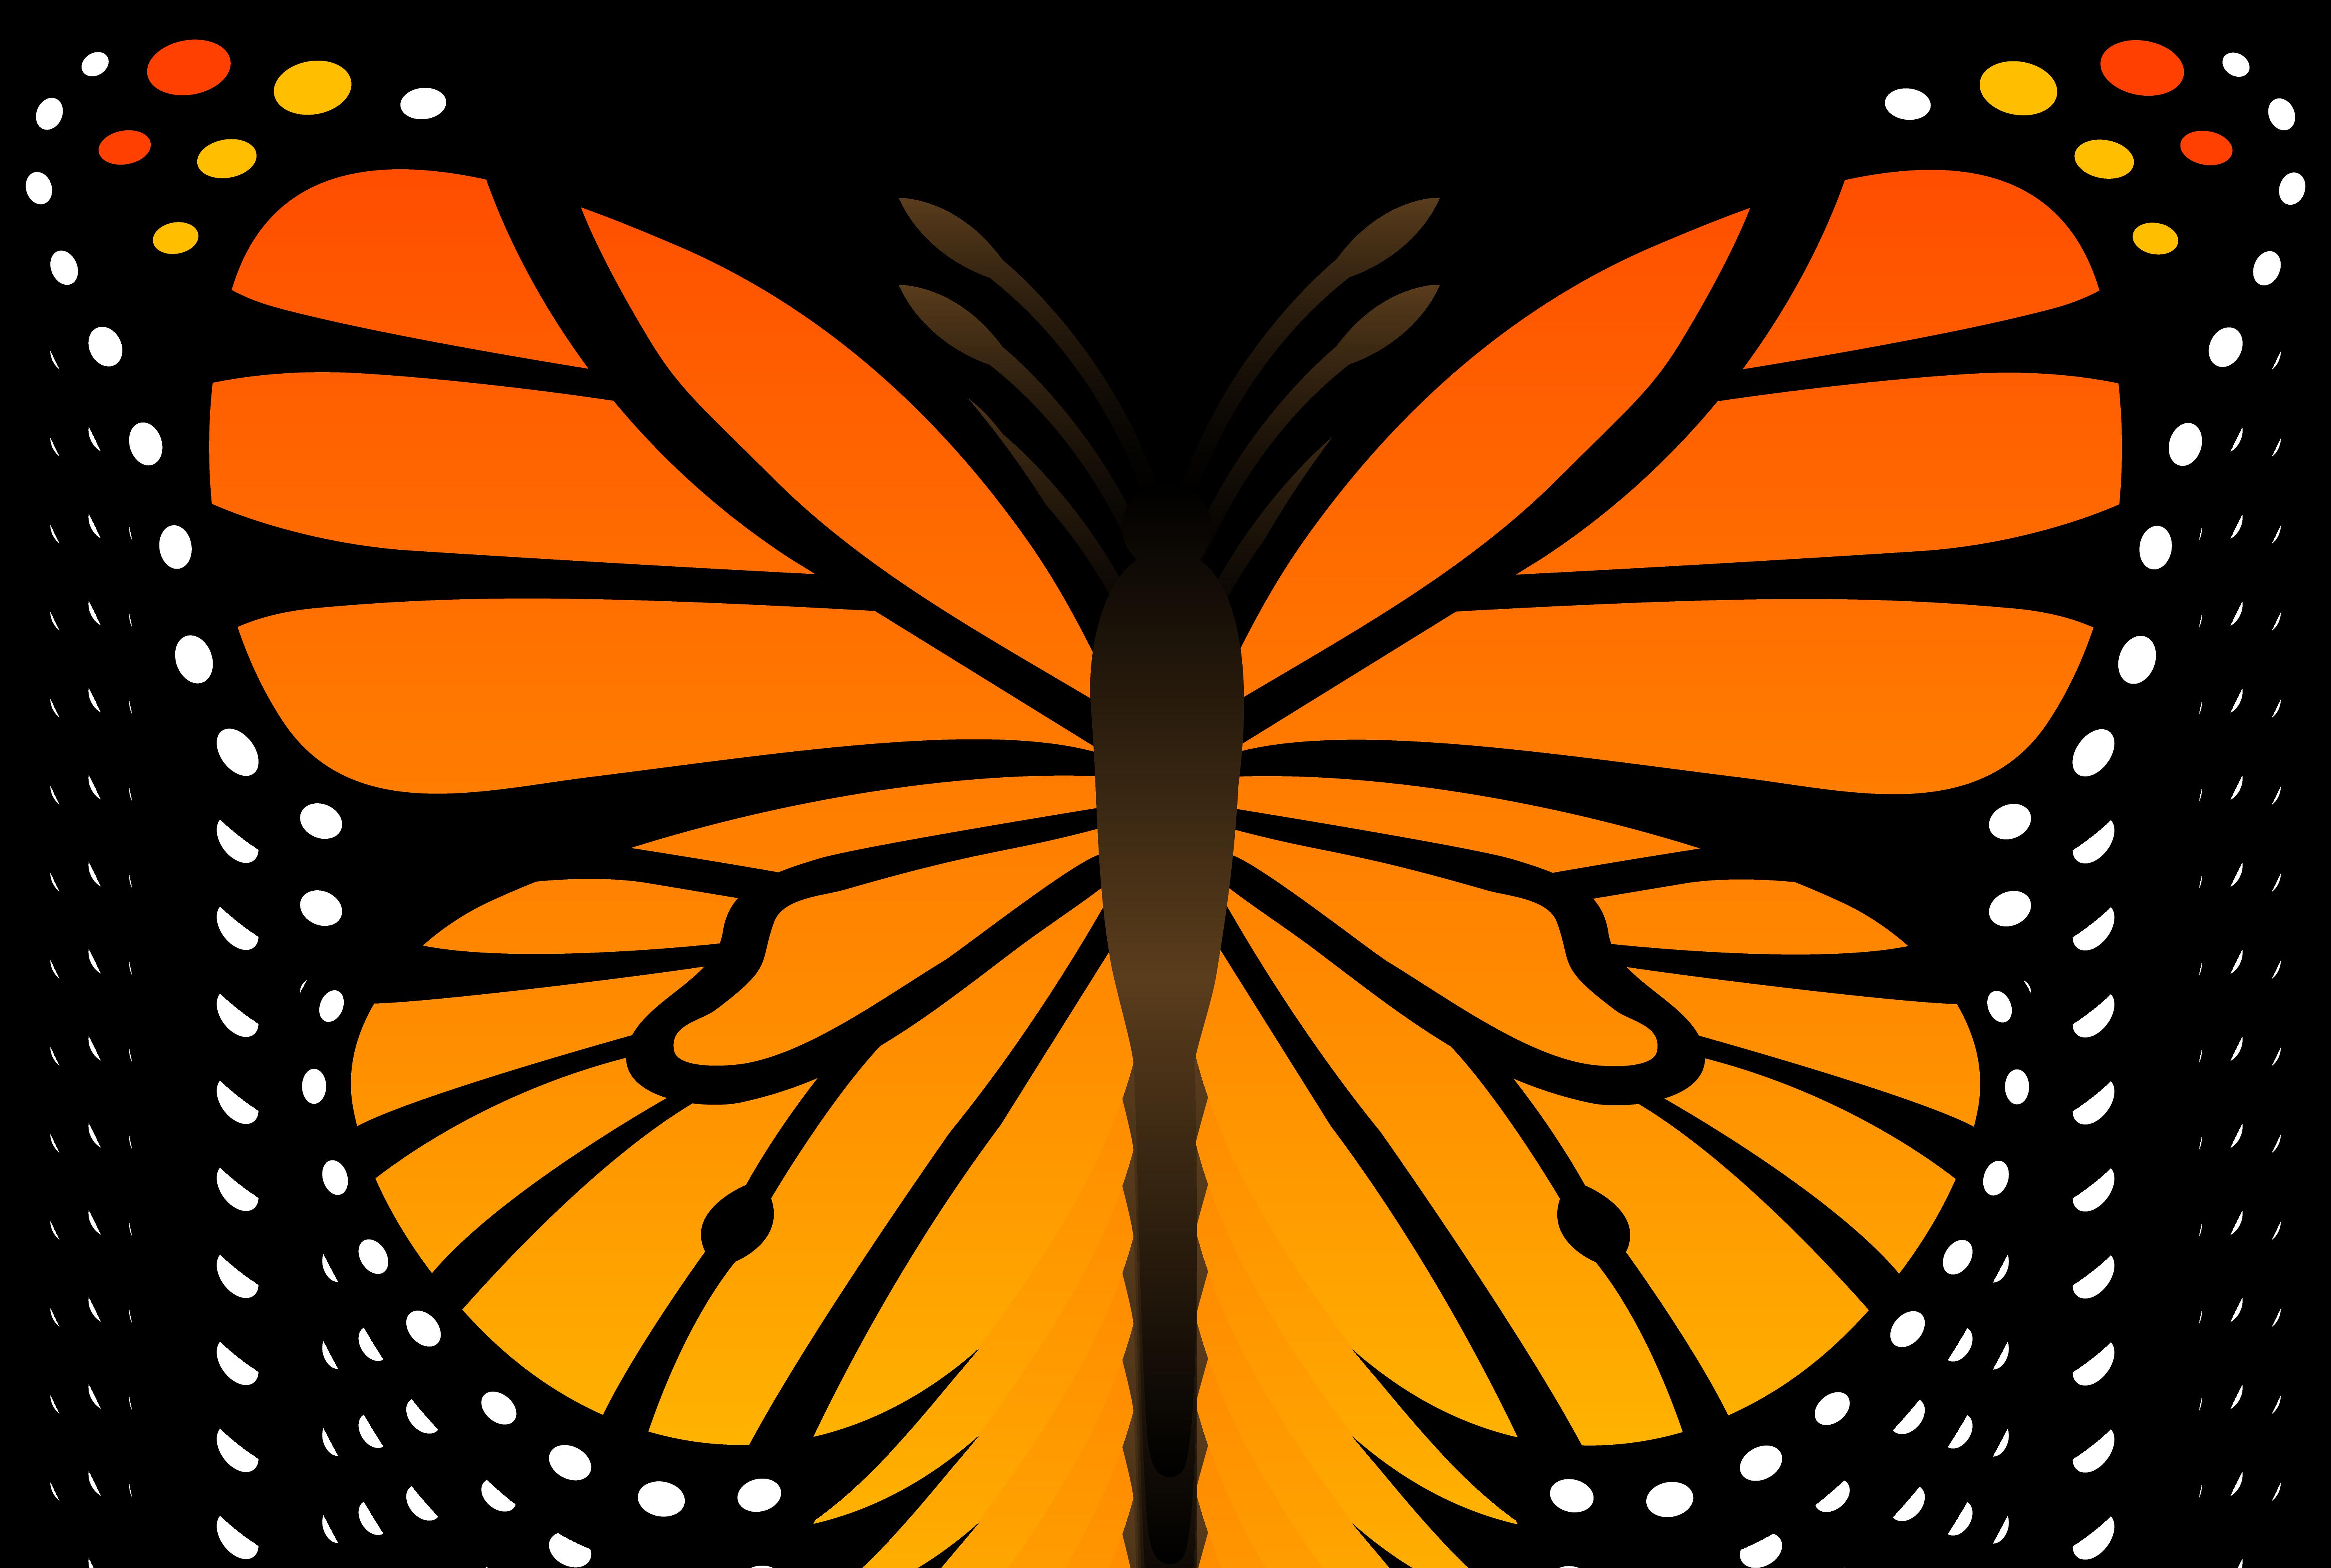 FREE Butterfly Clip Art 16. Butterfly Ca-FREE Butterfly Clip Art 16. Butterfly Cartoon Pictures-3